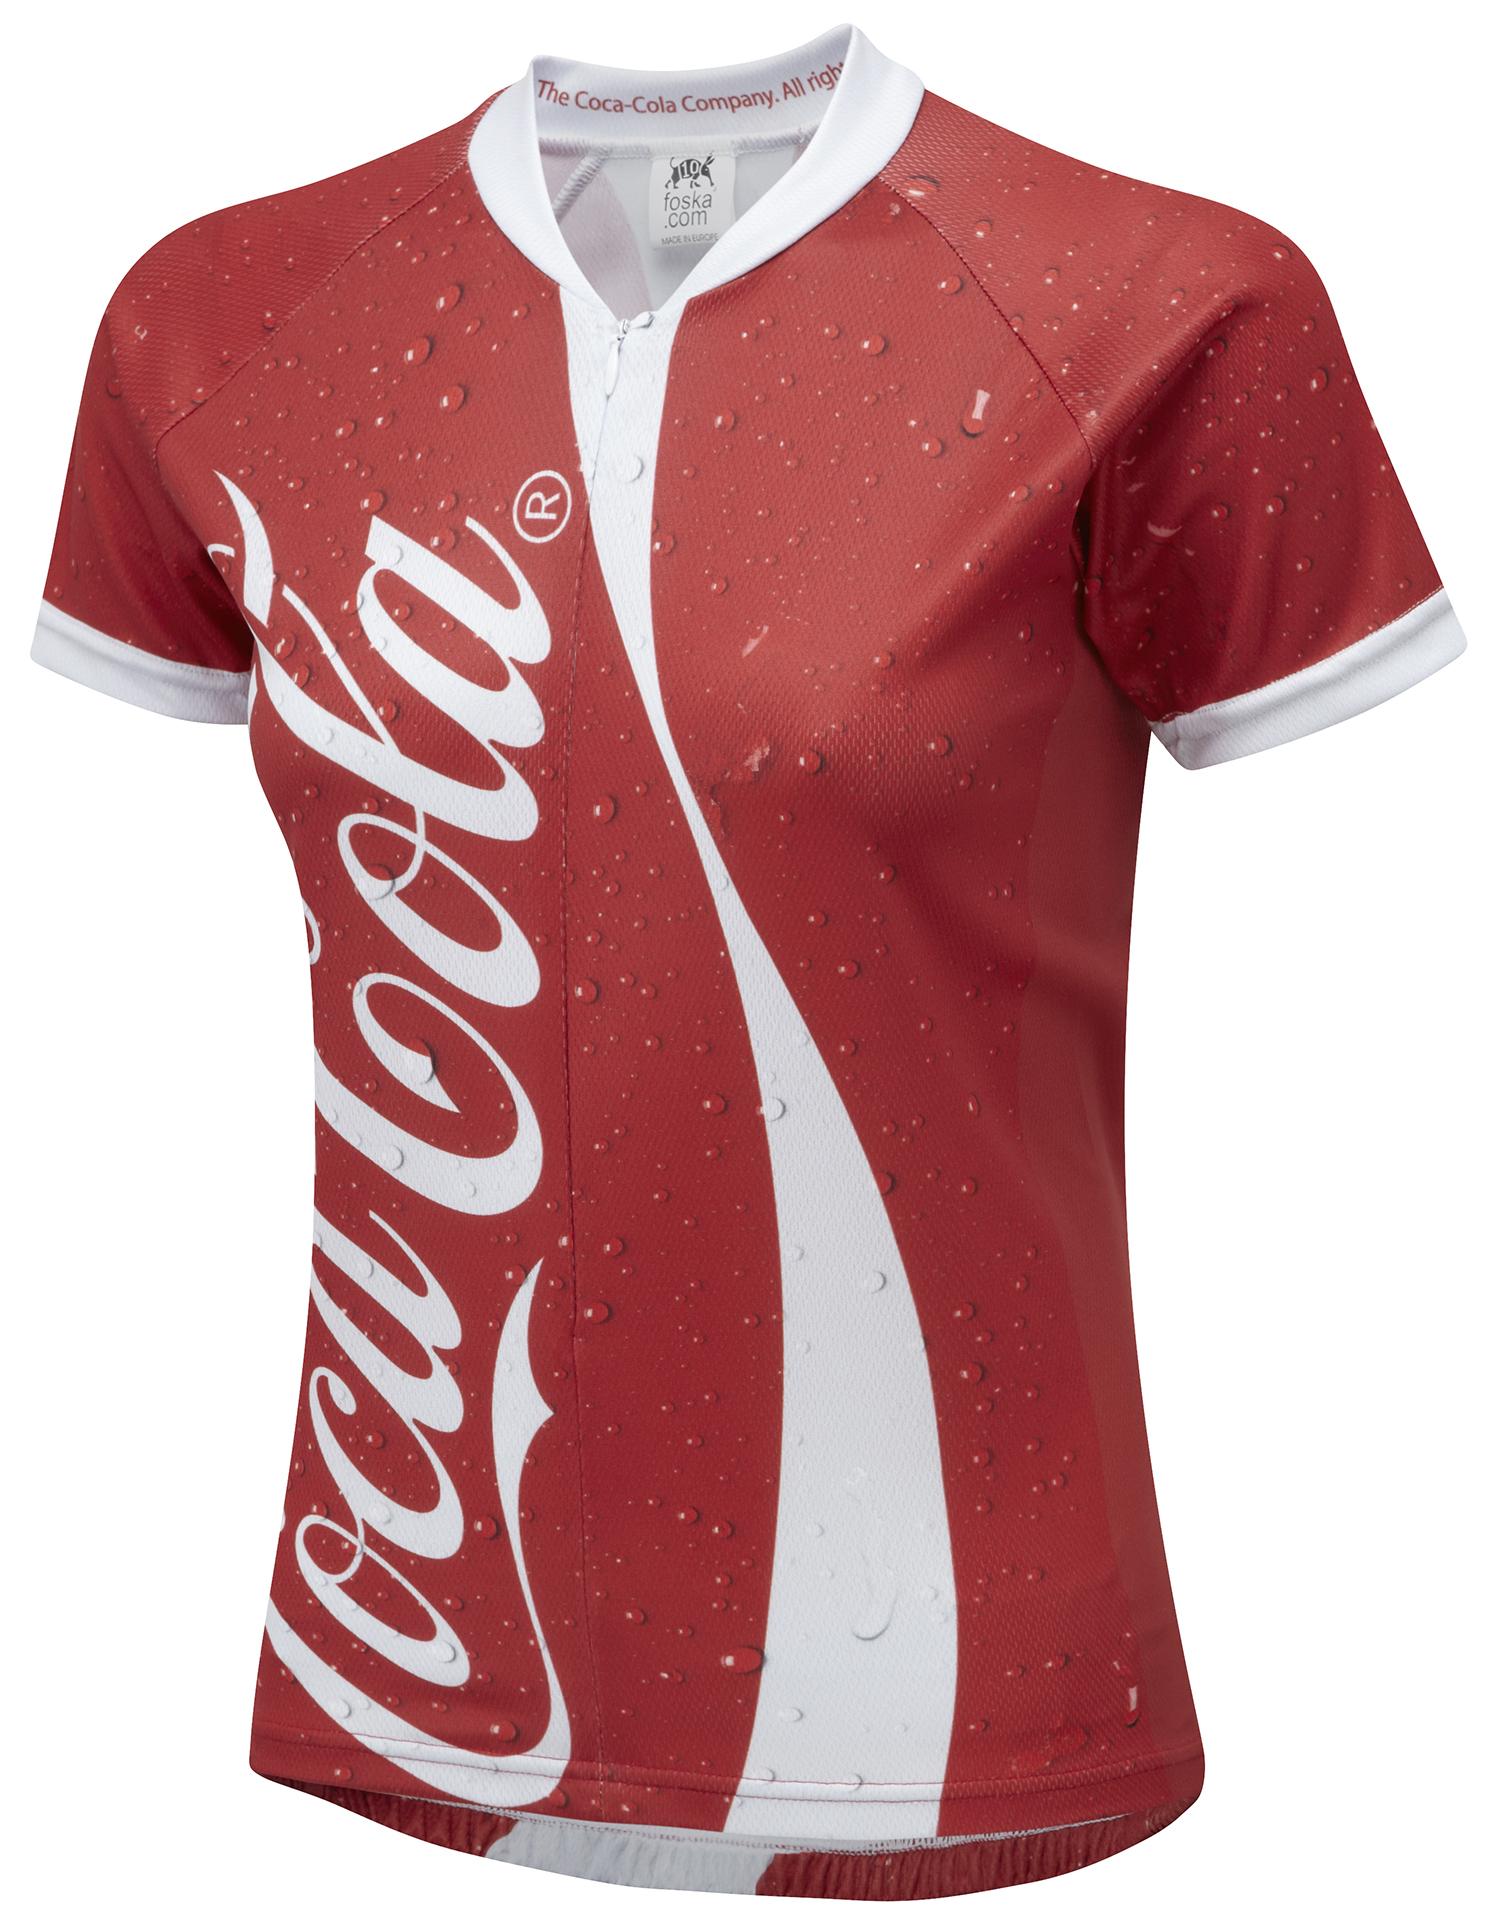 Coke Can Women s Road Cycling Jersey 0c514e758